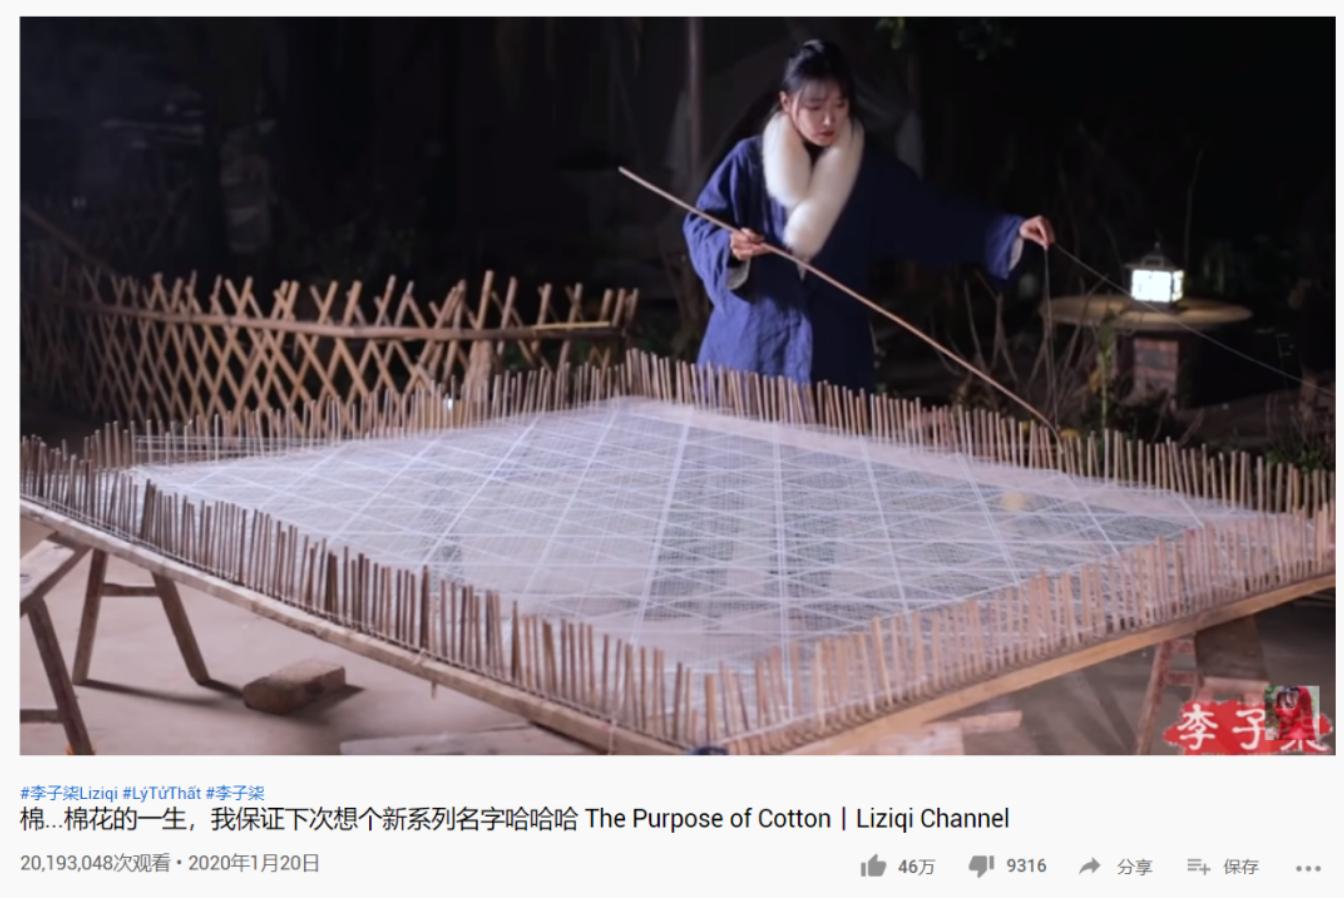 李子柒YouTube粉丝破千万,为什么是她重新定义了中国公主? 涨姿势 第14张